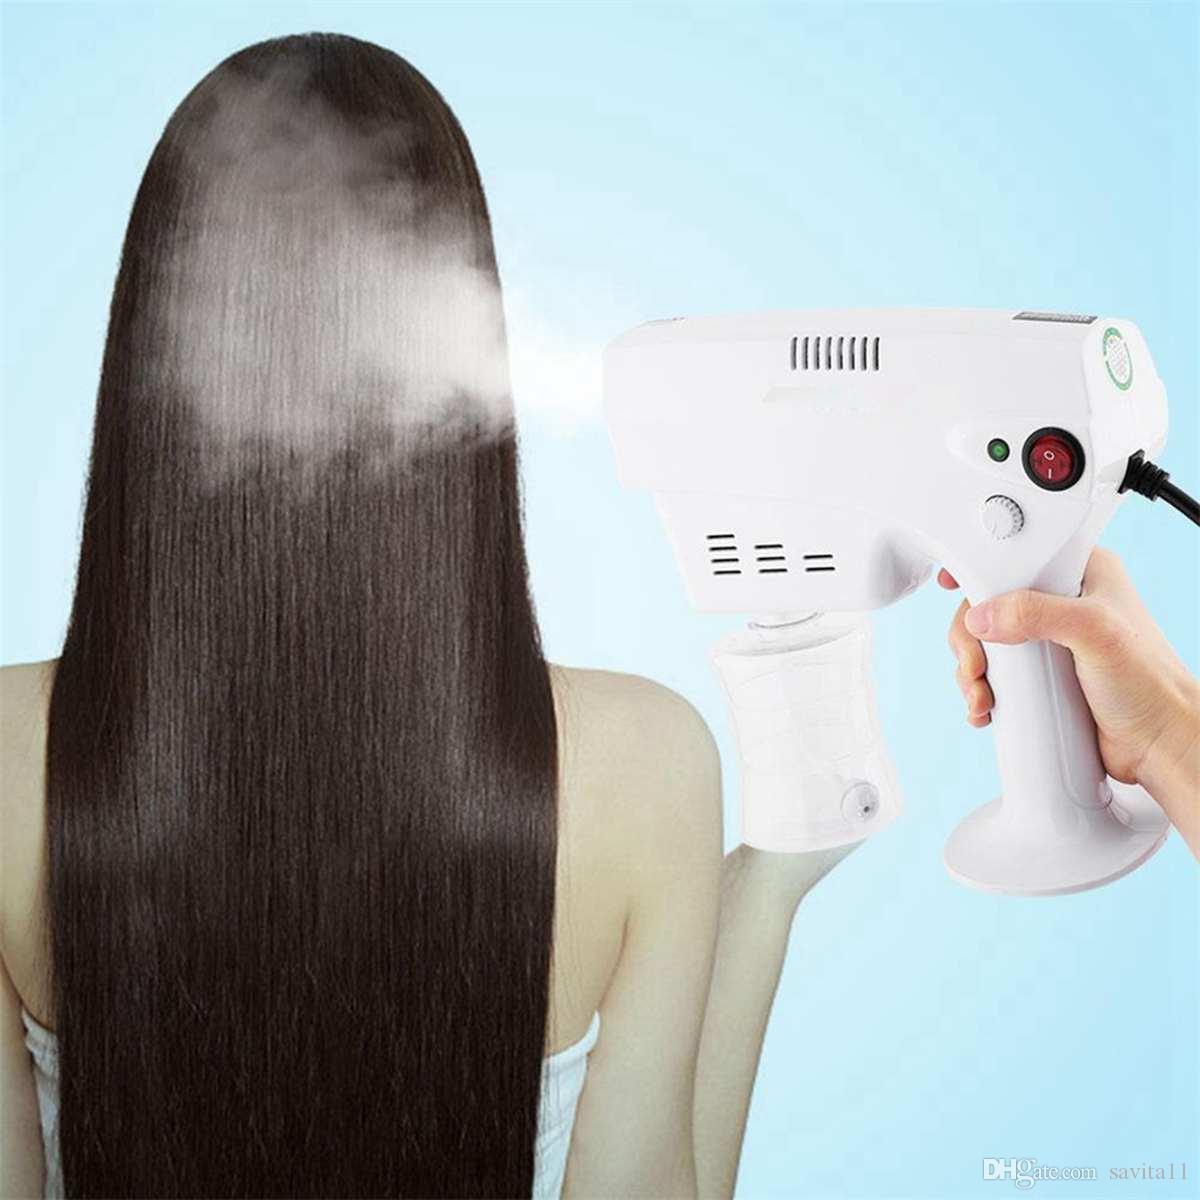 260 мл портативной дезинфекции синий свет паром распылитель для волос спрей для волос Аэрозоль Водяной туман триггерный распылитель SPA Спавоз